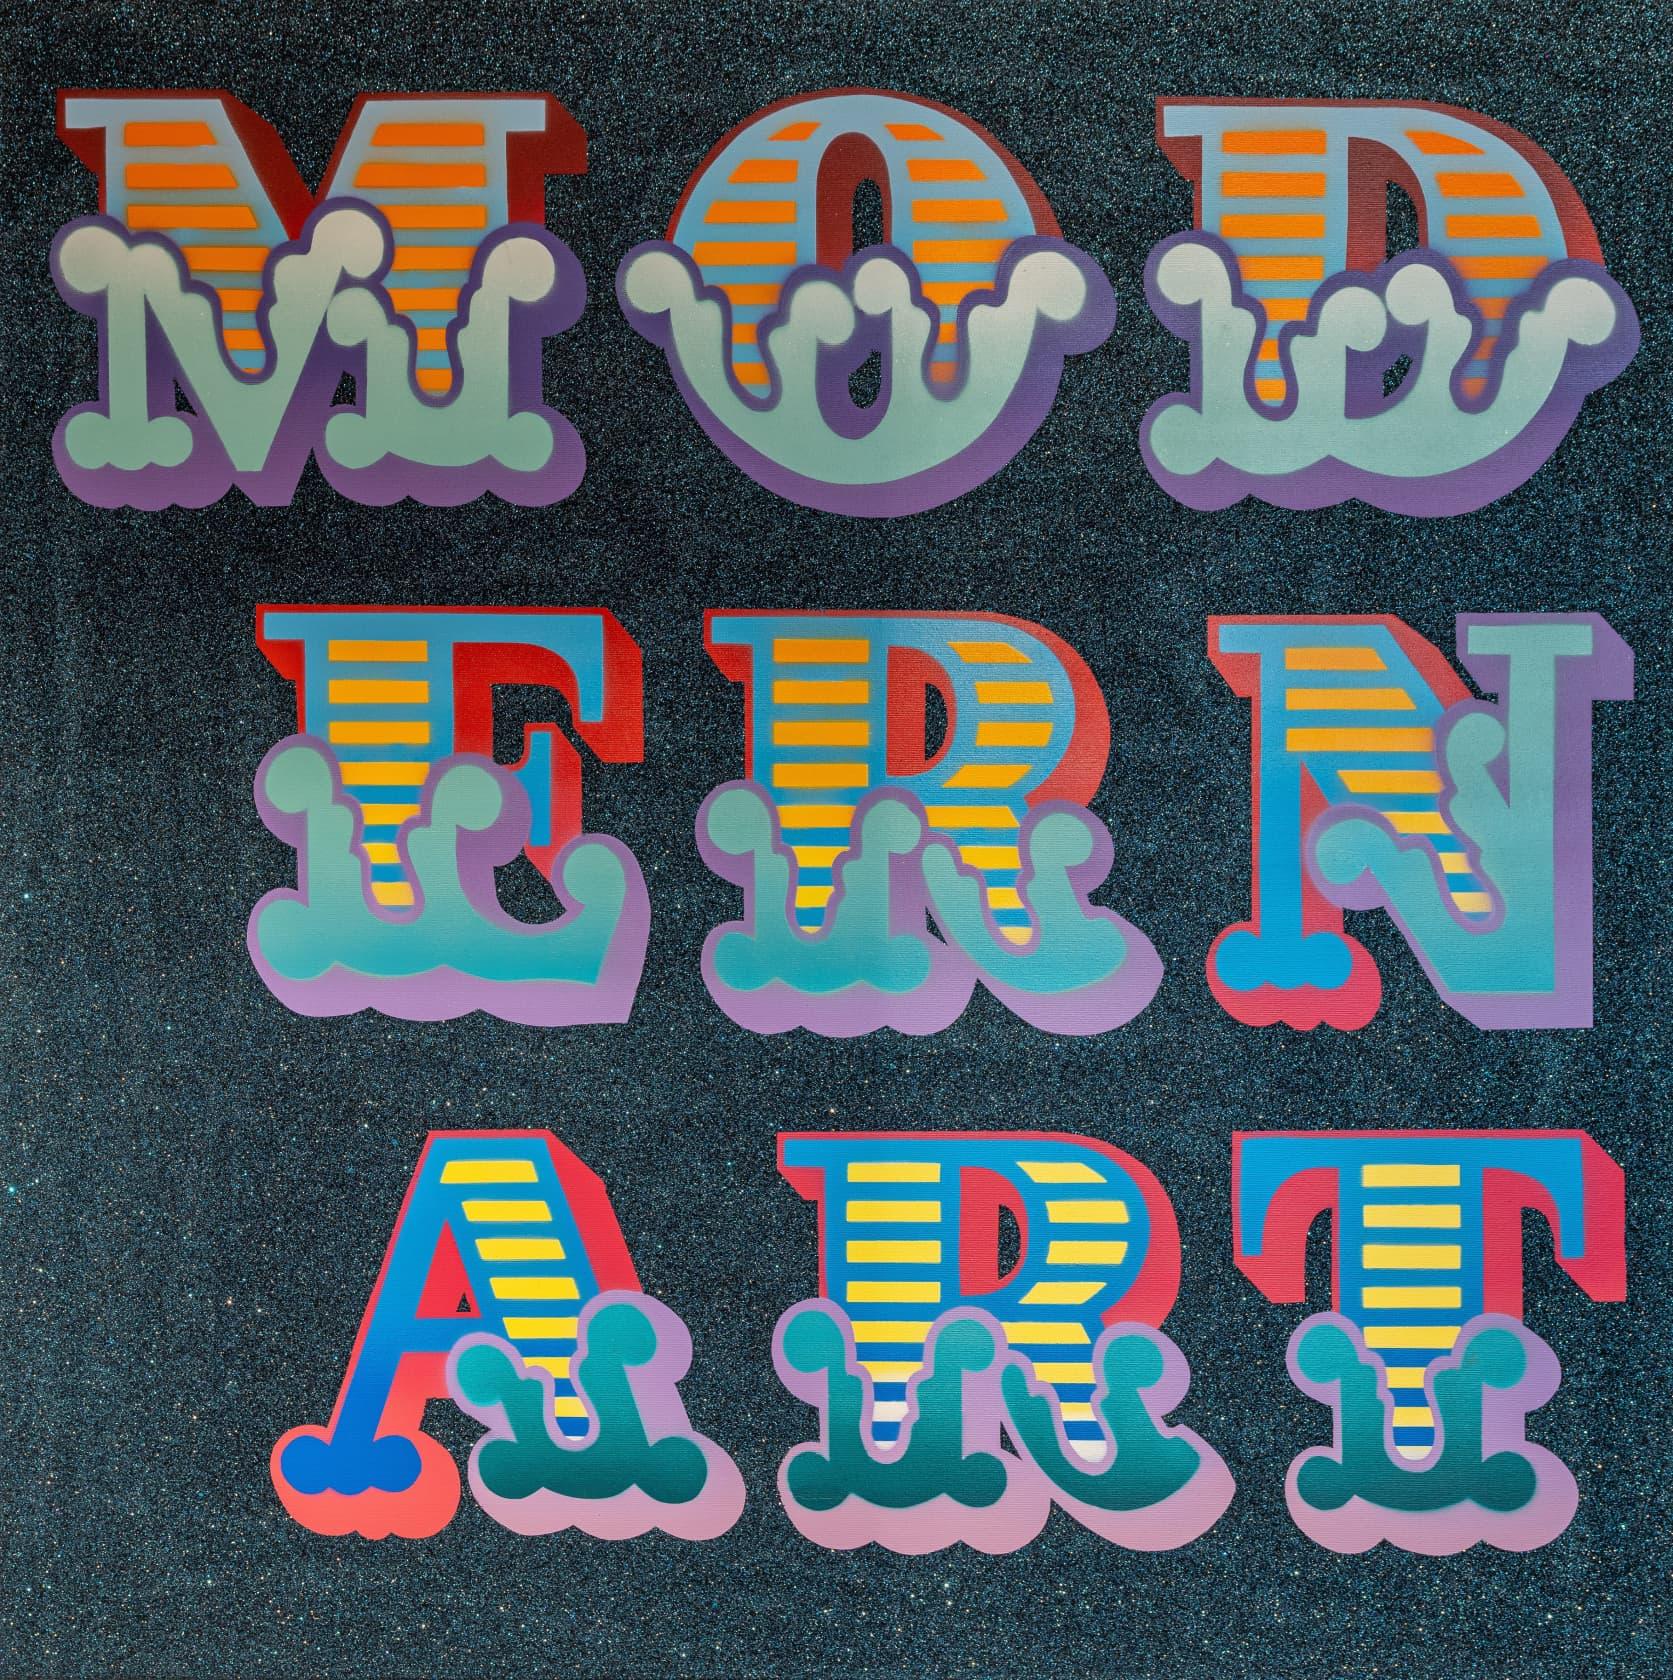 Ben Eine Modern Art Stencilled Spray Paint with Dark Blue Glitter New Circus Font